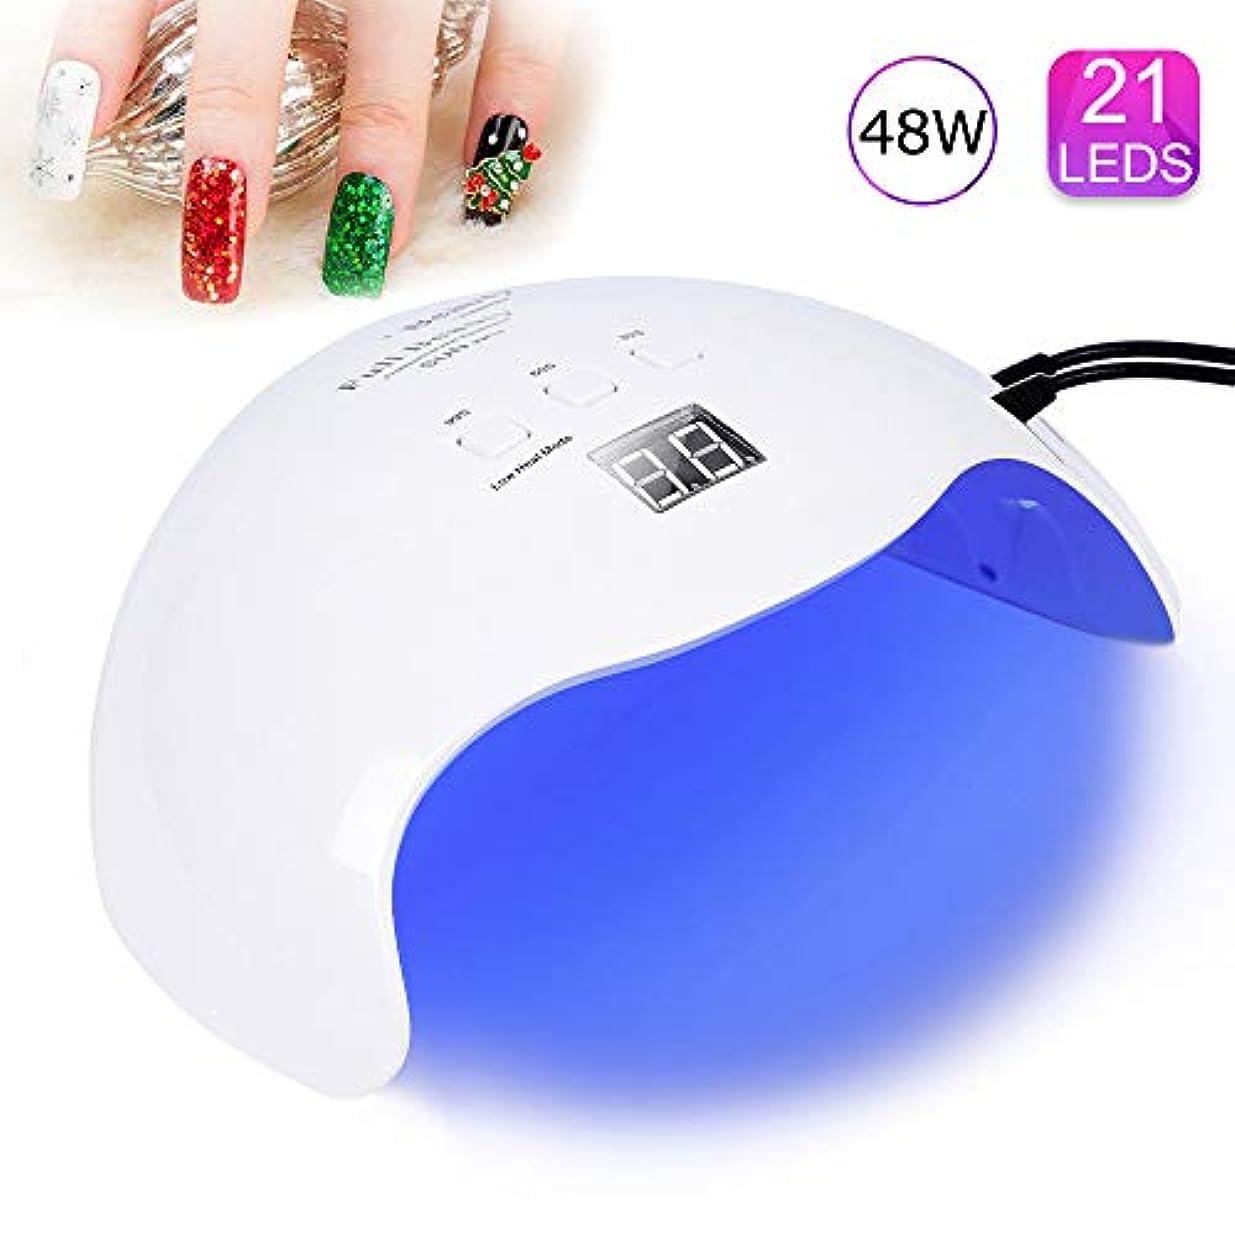 減らす前述の想像力豊かな紫外線LEDネイルドライヤー、48Wサロン品質プロフェッショナルジェルライト、3タイマーセットネイルライト、インテリジェント自動検知、LEDデジタルディスプレイ、UVジェル/